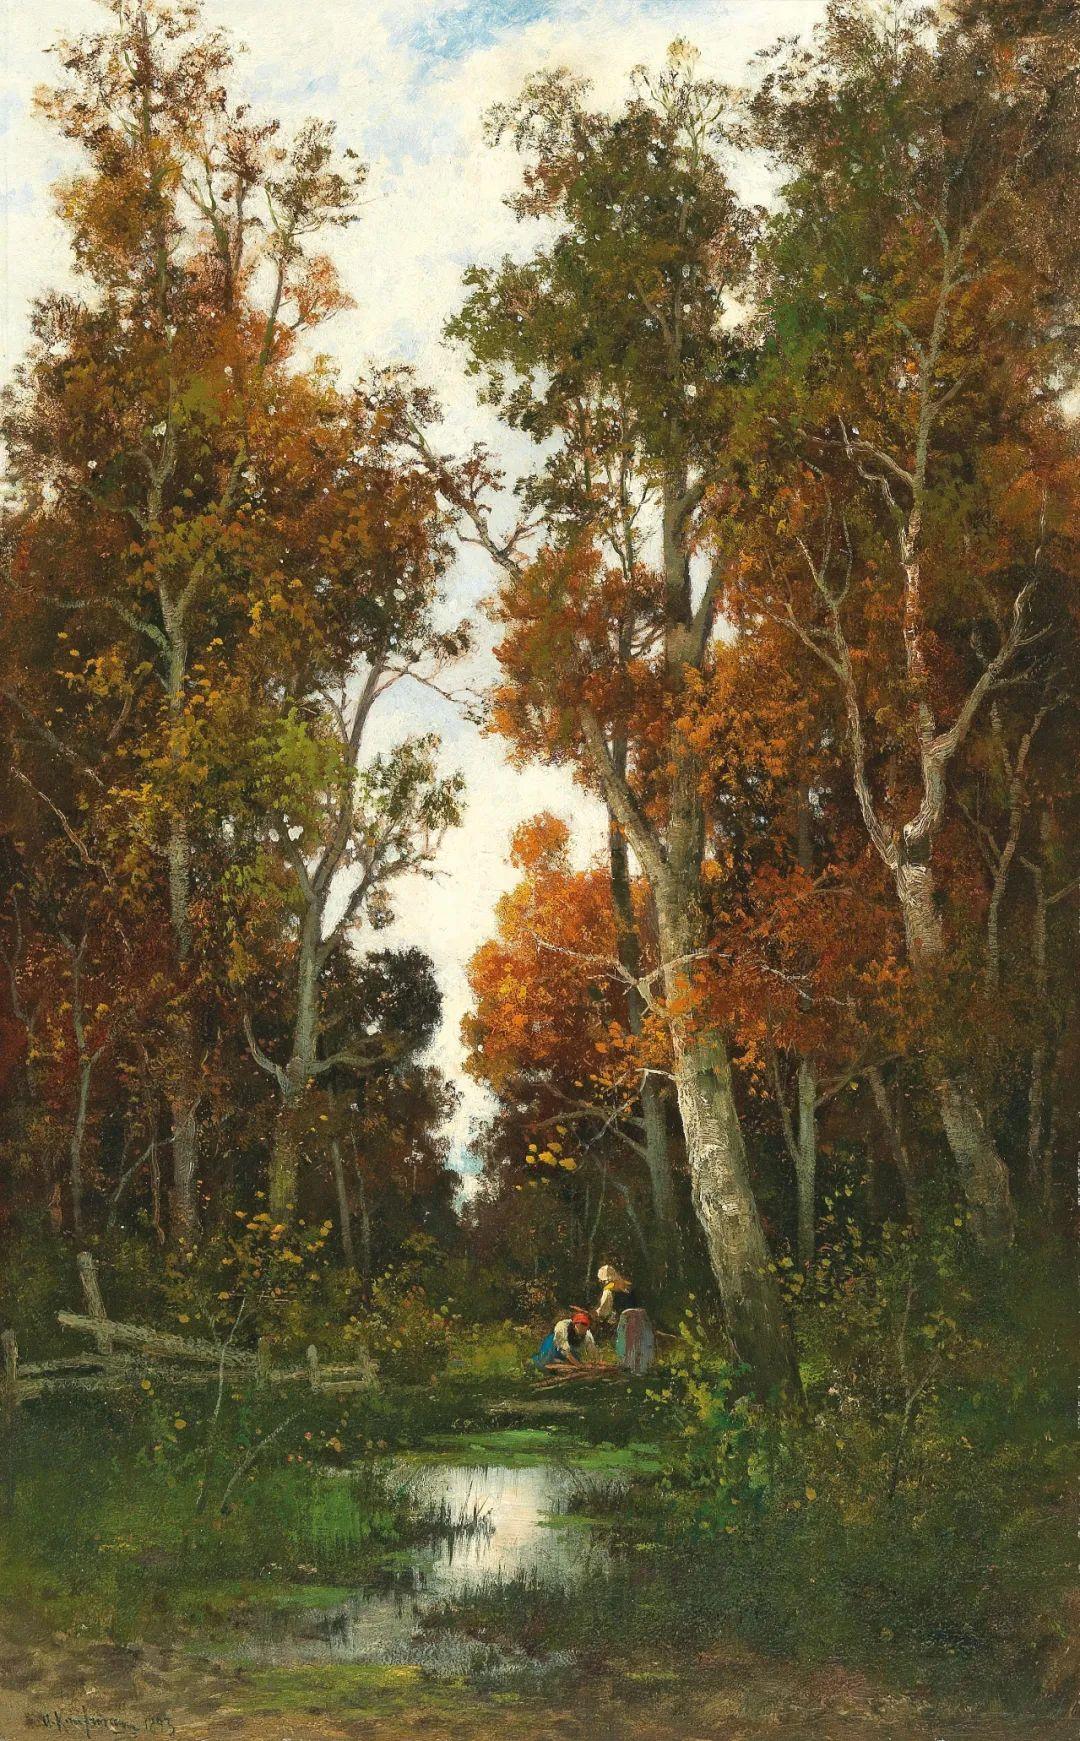 风景油画丨奥地利画家阿道夫·考夫曼的精美风景画插图31